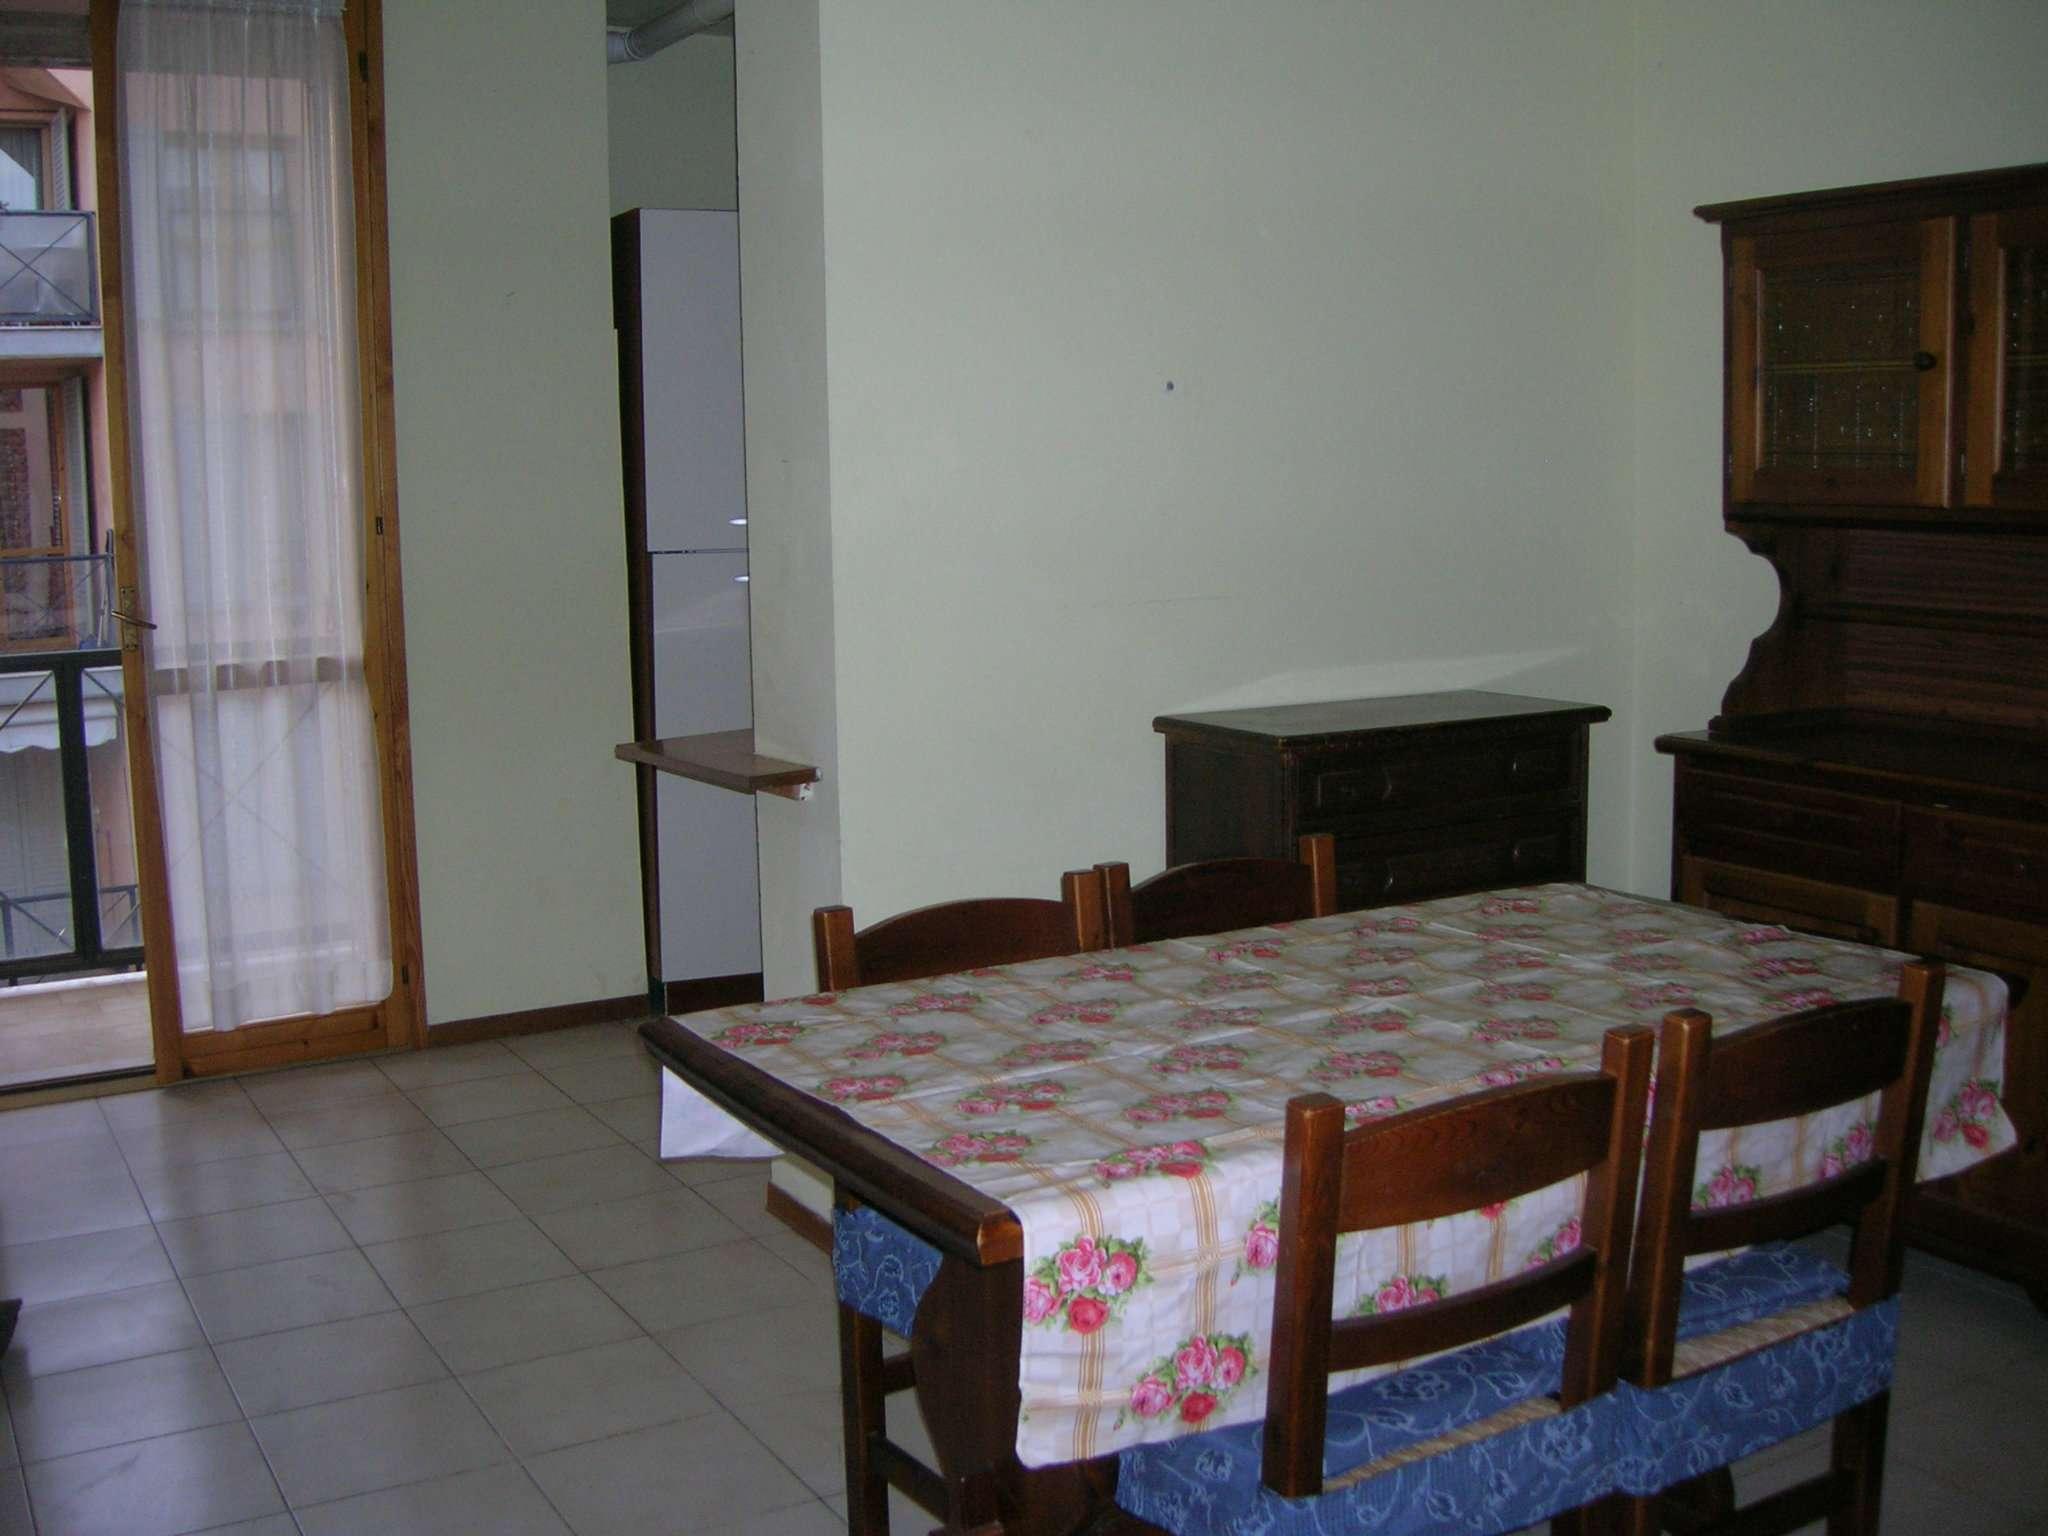 Appartamento in vendita a Quattro Castella, 2 locali, prezzo € 55.000 | Cambio Casa.it